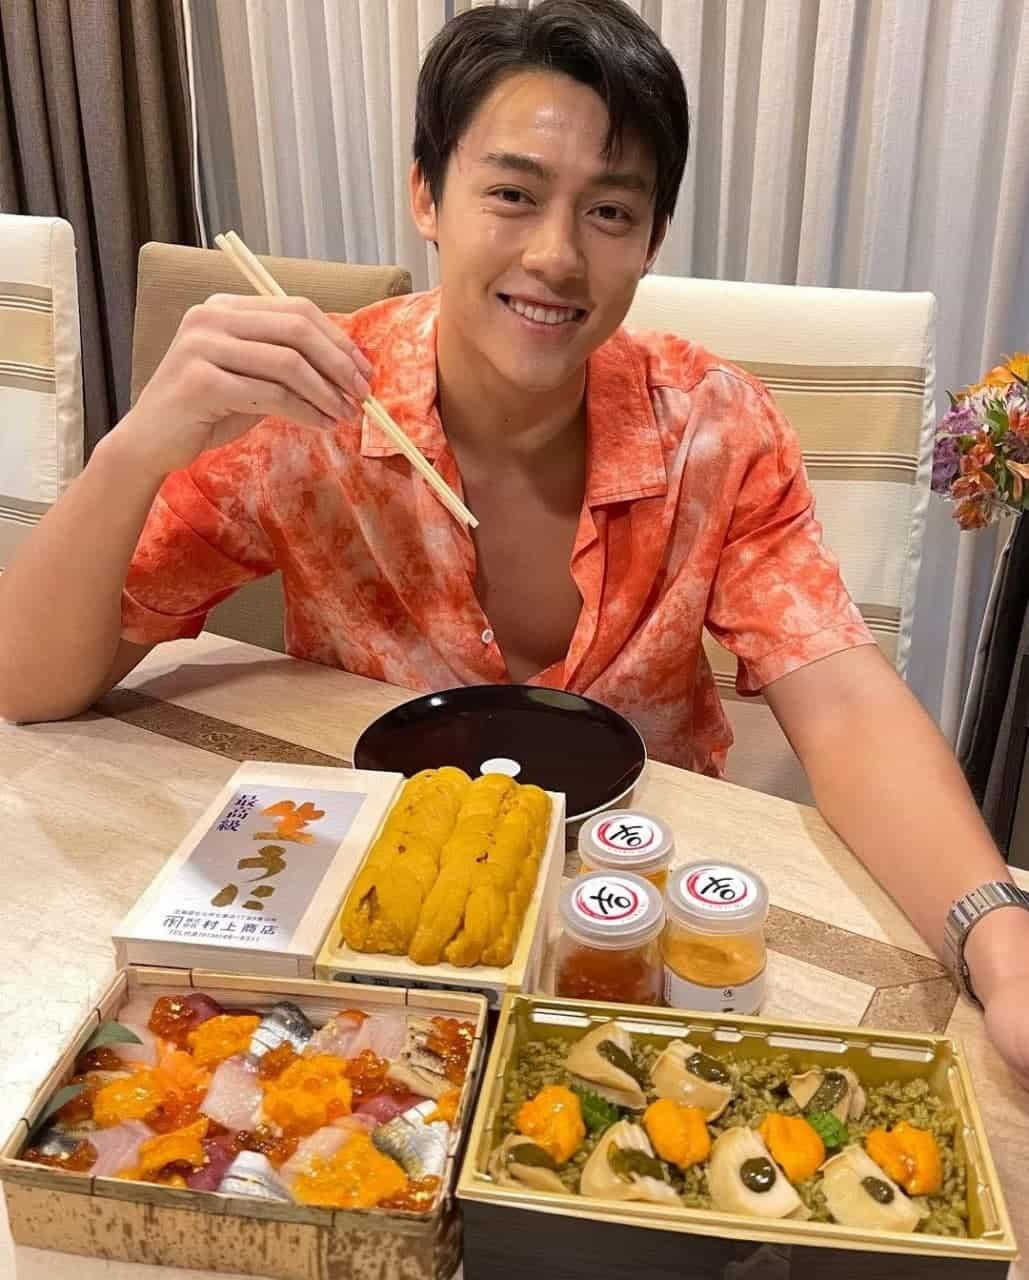 aktor muda tampan dari thailand